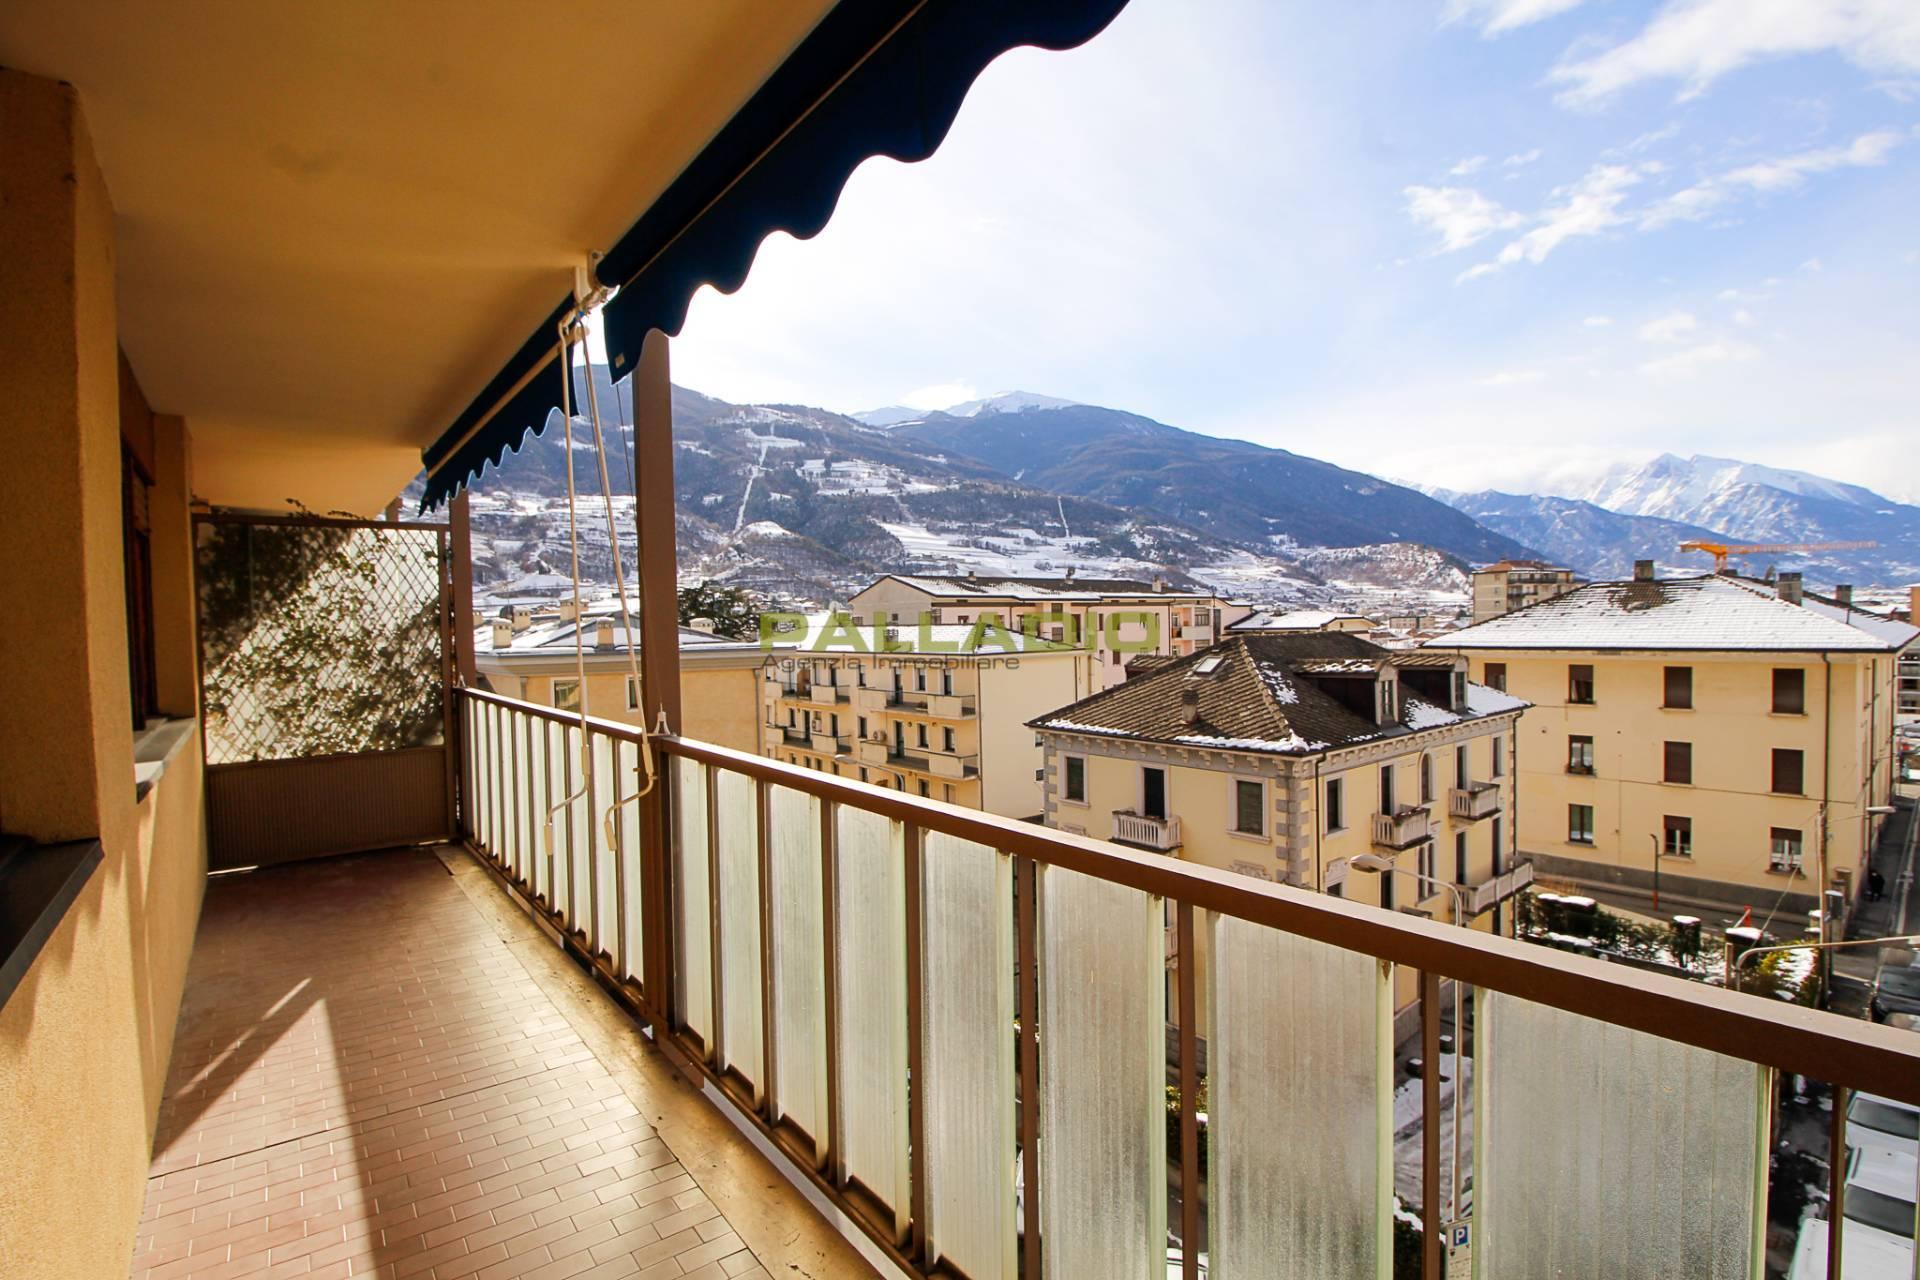 Appartamento in affitto a Aosta, 6 locali, zona Zona: Centro, prezzo € 780 | CambioCasa.it